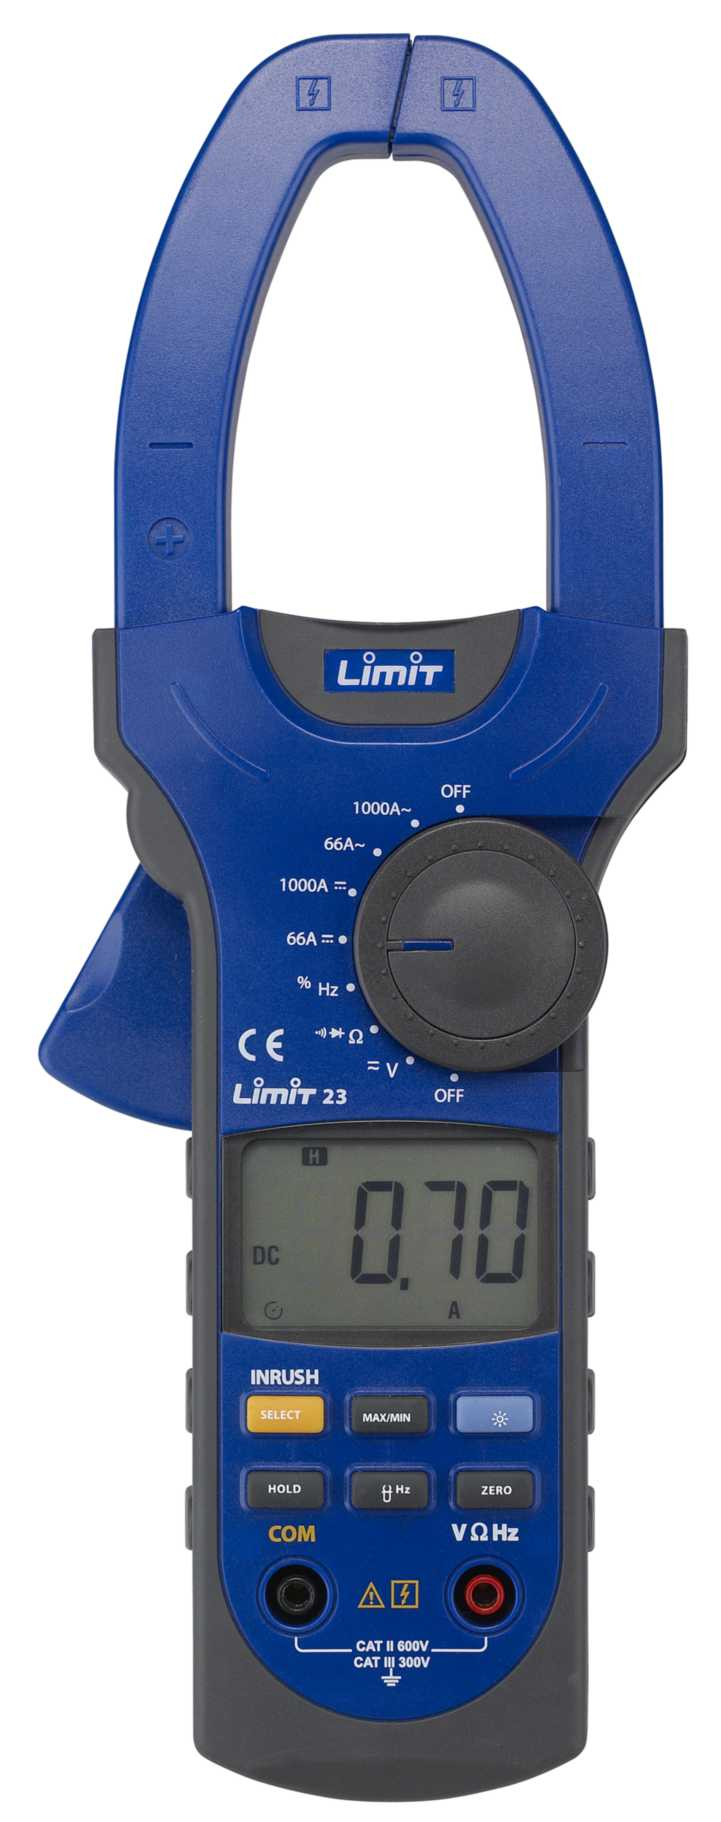 Tangamperemeter limit 23